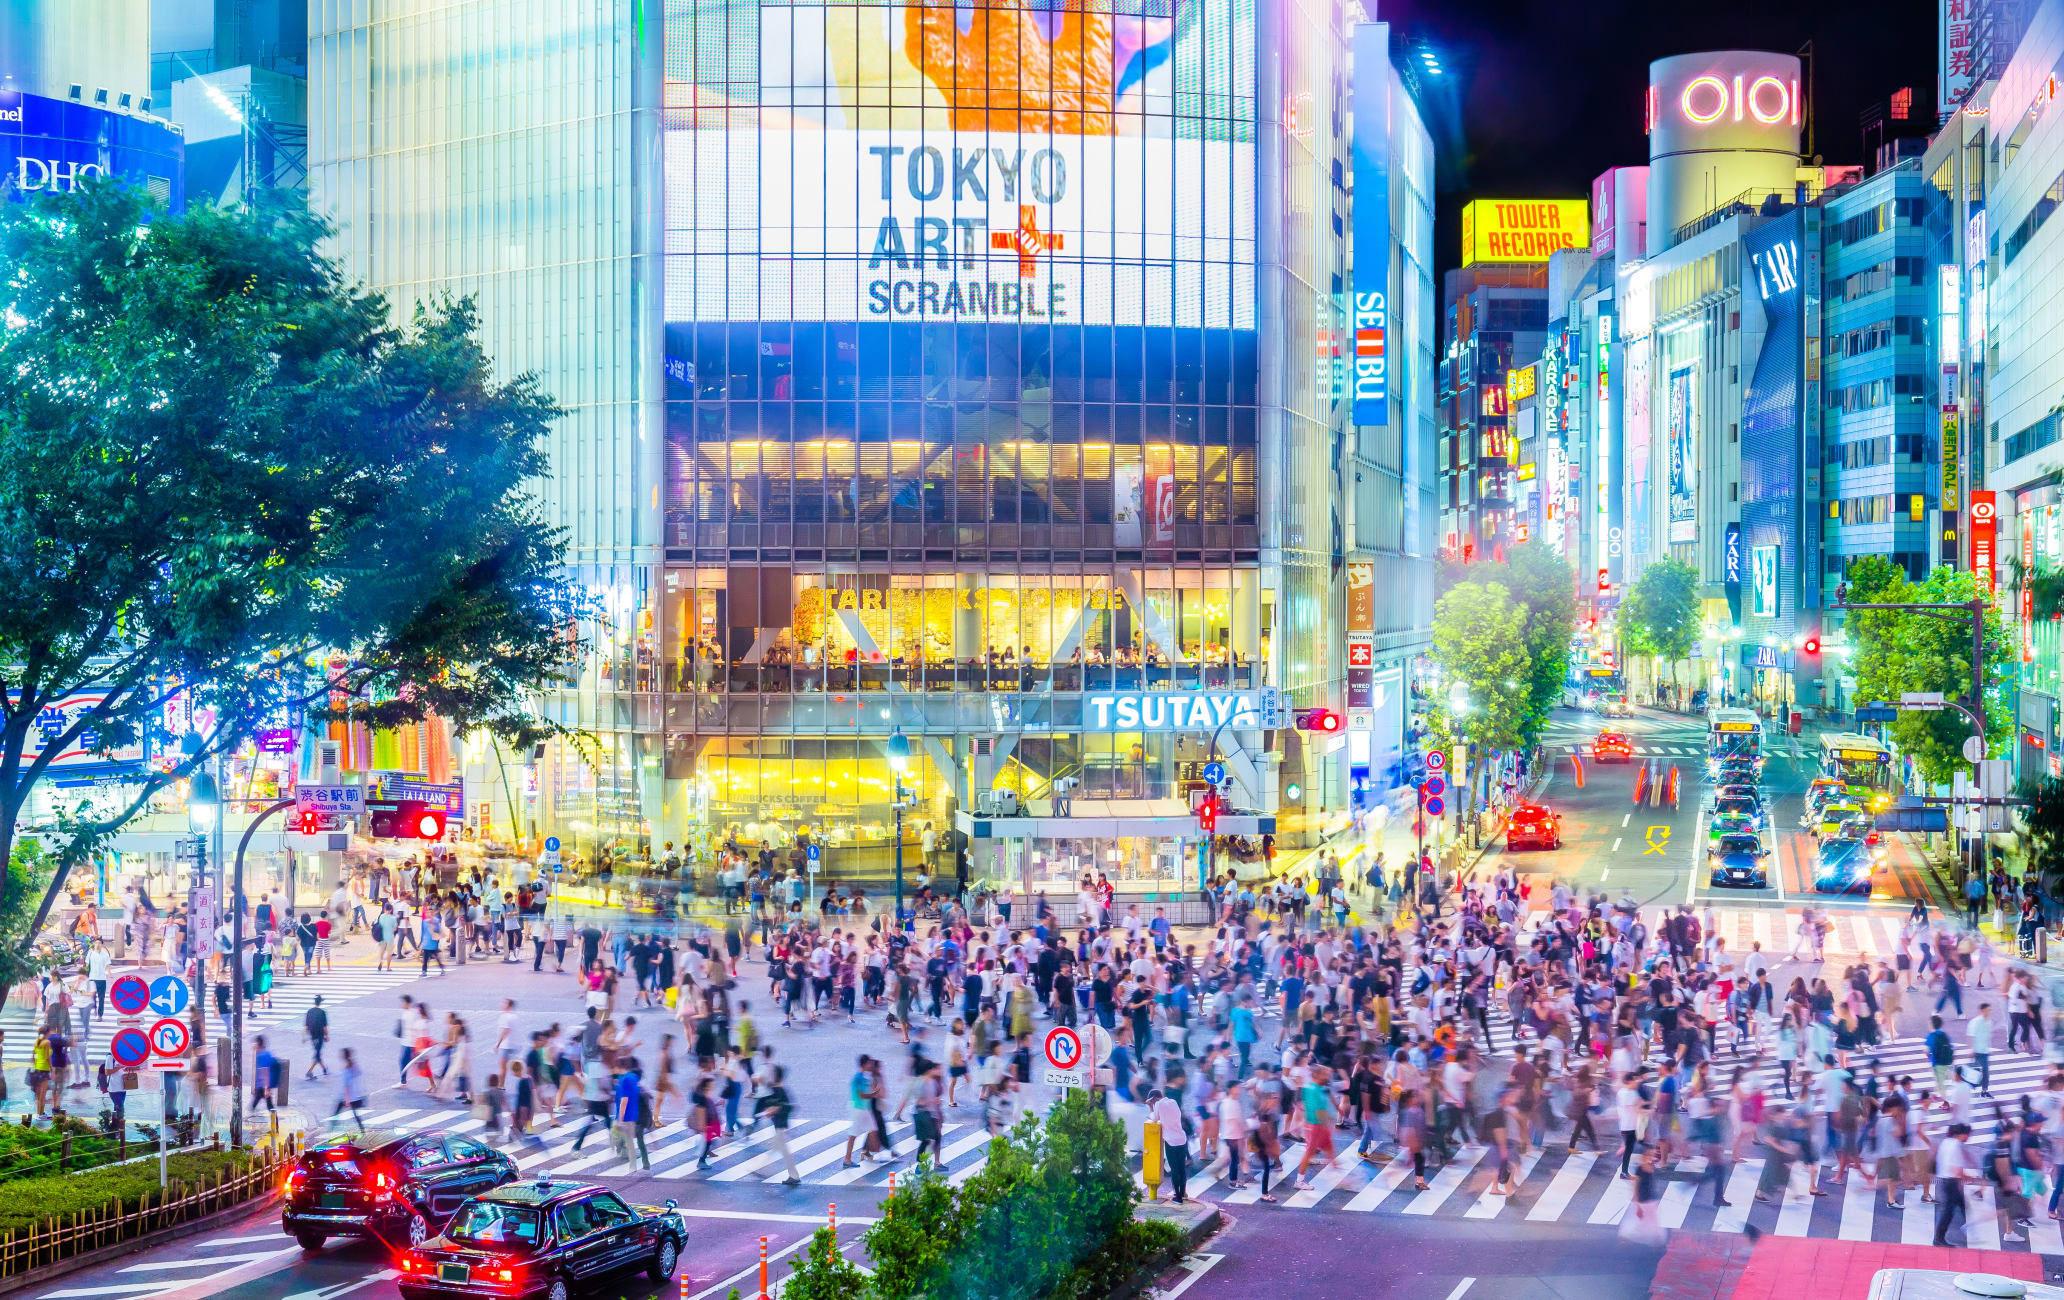 Tìm hiểu nhịp sống hối hả tại giao lộ Shibuya Nhật Bản - ảnh 2